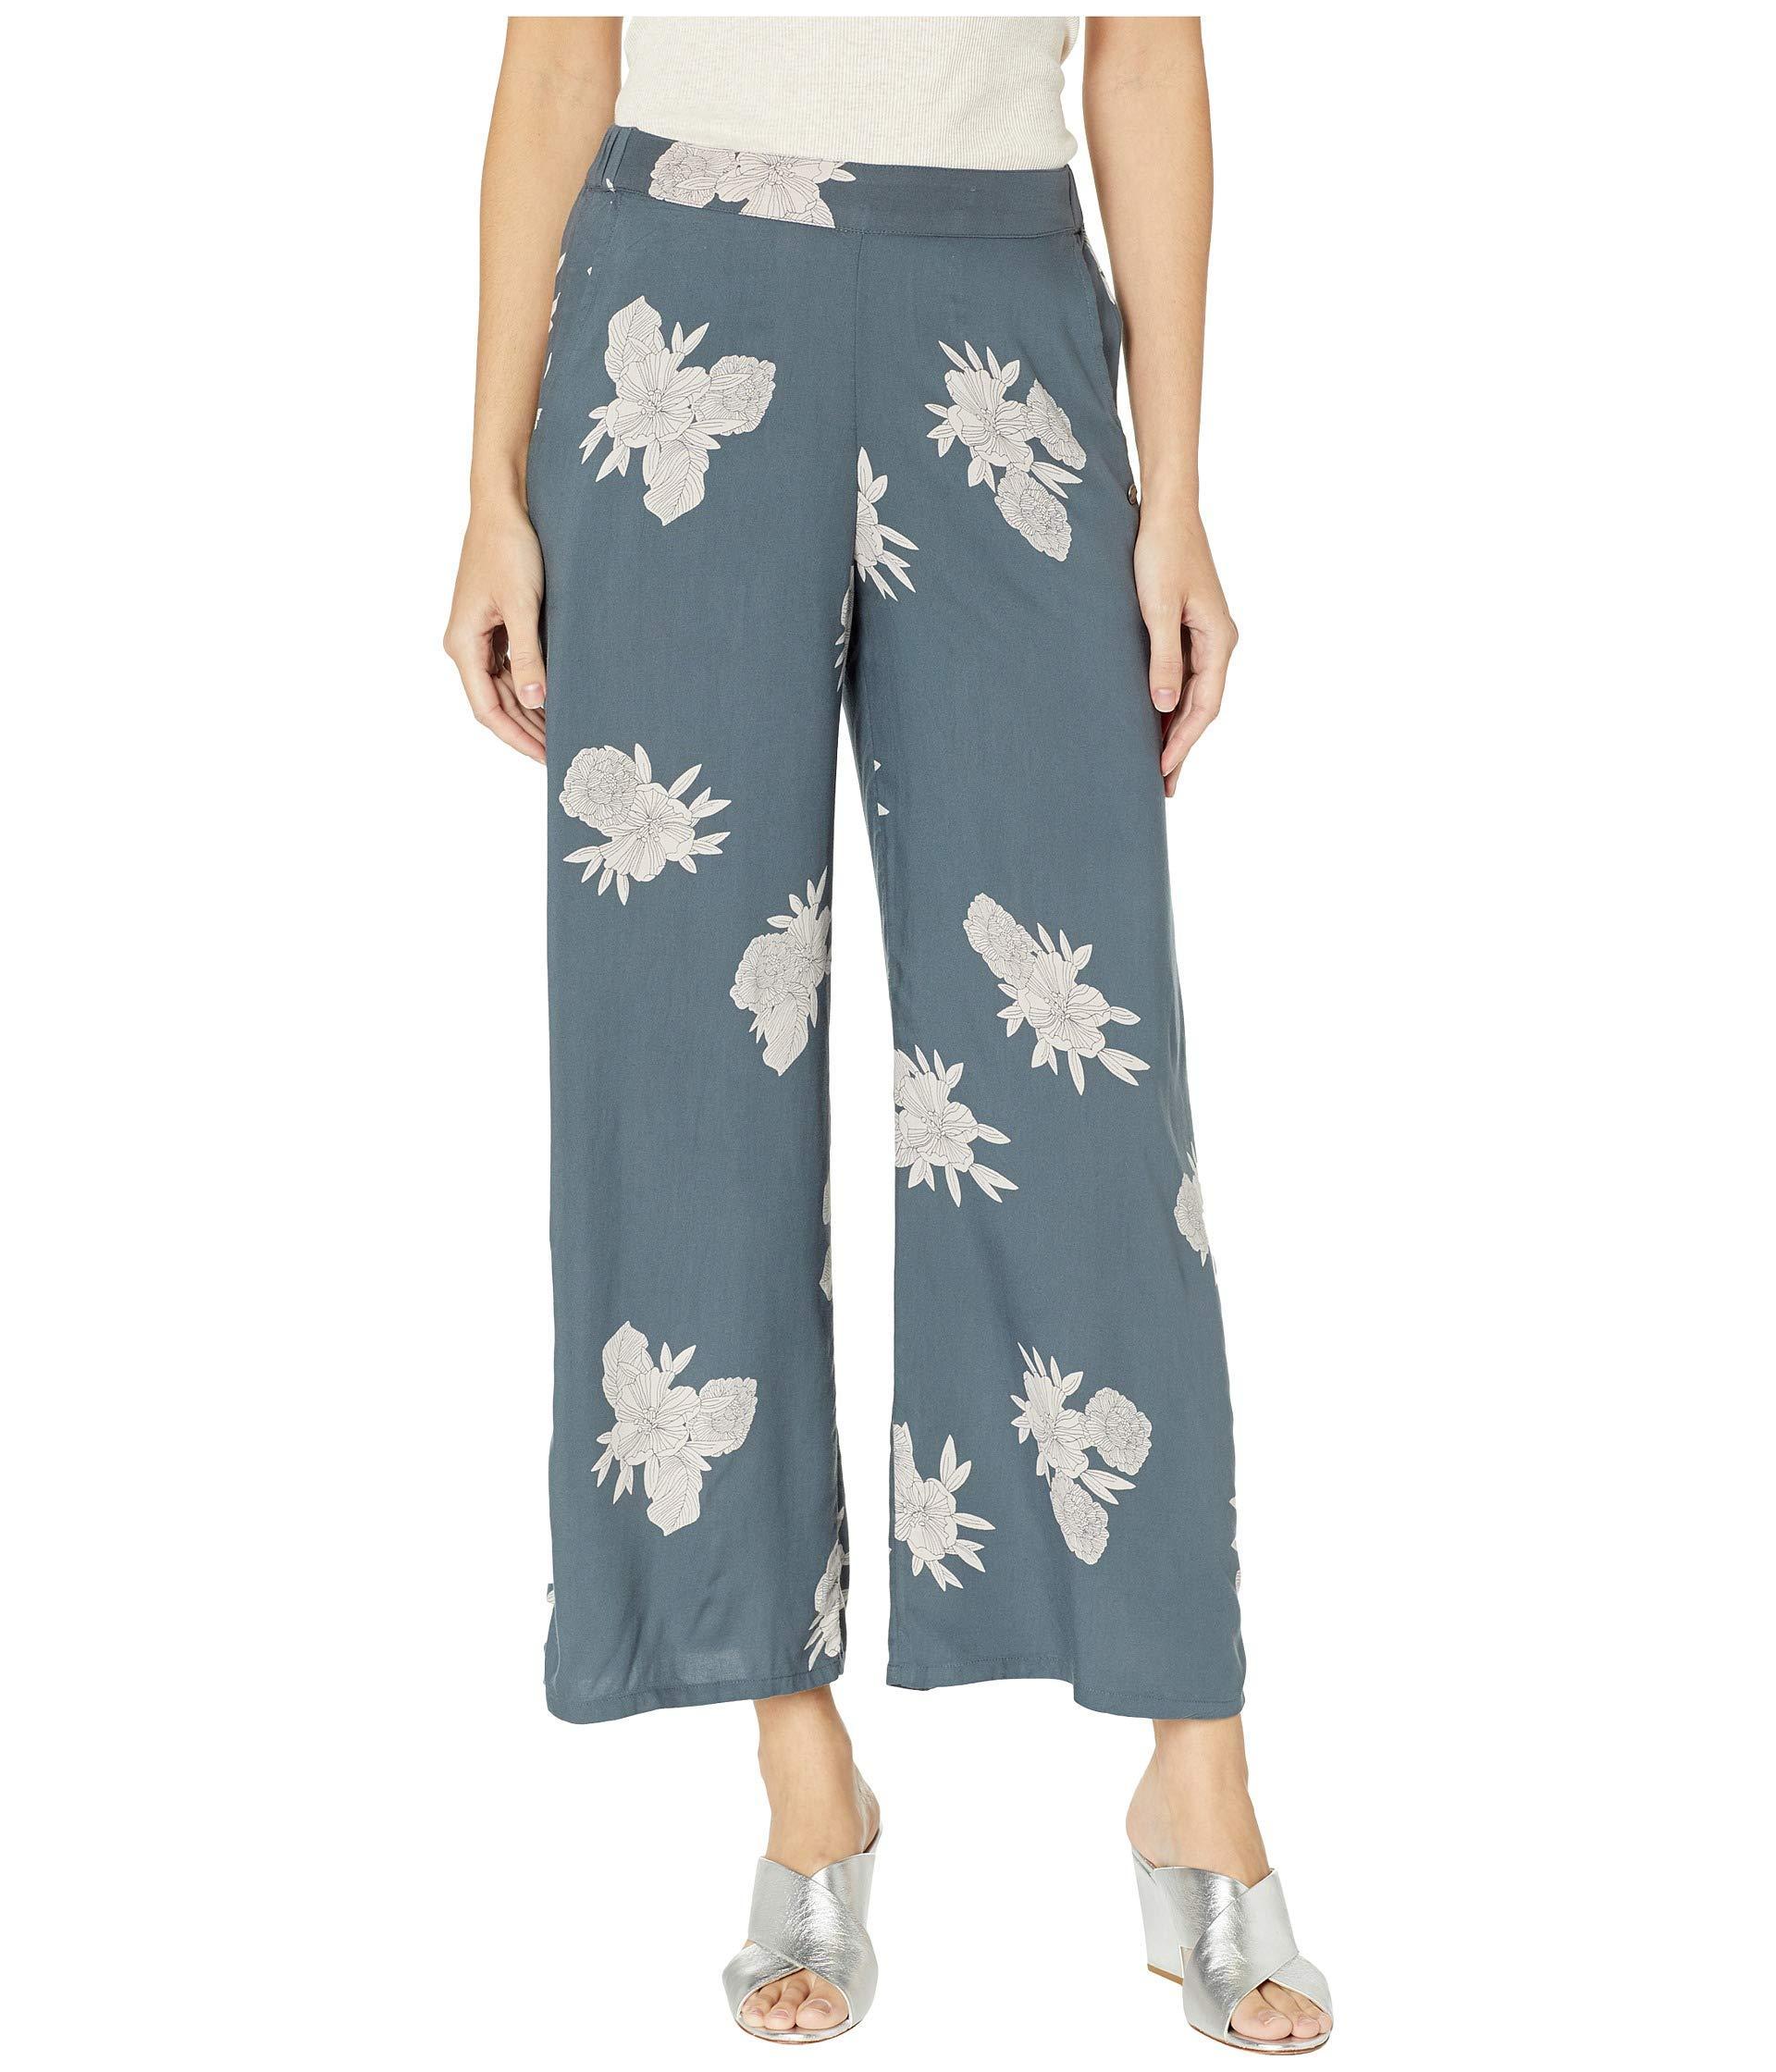 50c11ad9d8b3 Lyst - Roxy Midnight Avenue Pants (turbulence Rose pearls) Women s ...